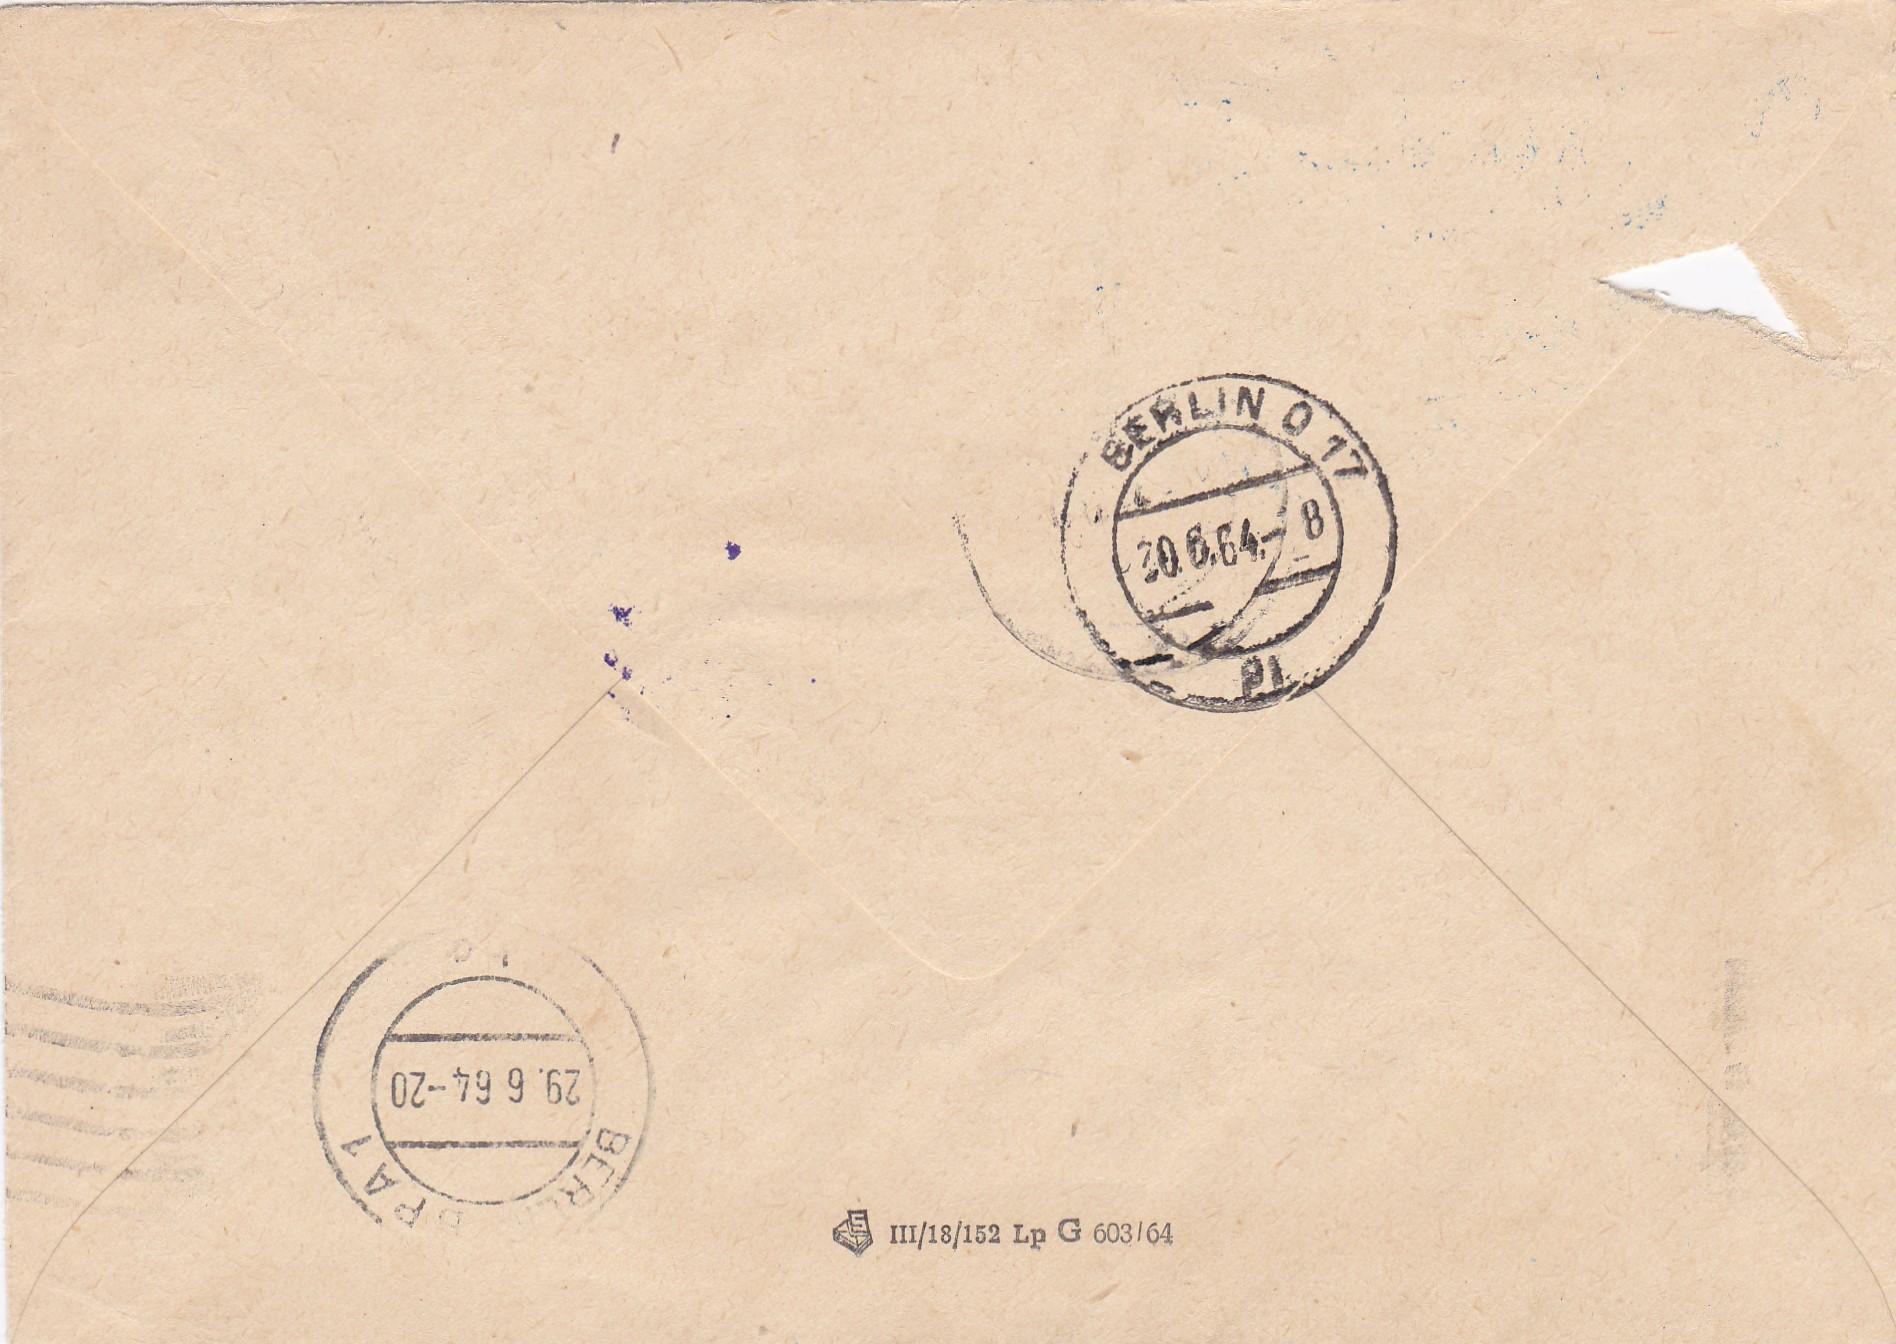 1964 ddr zkd lacke und farben berlin philarena. Black Bedroom Furniture Sets. Home Design Ideas